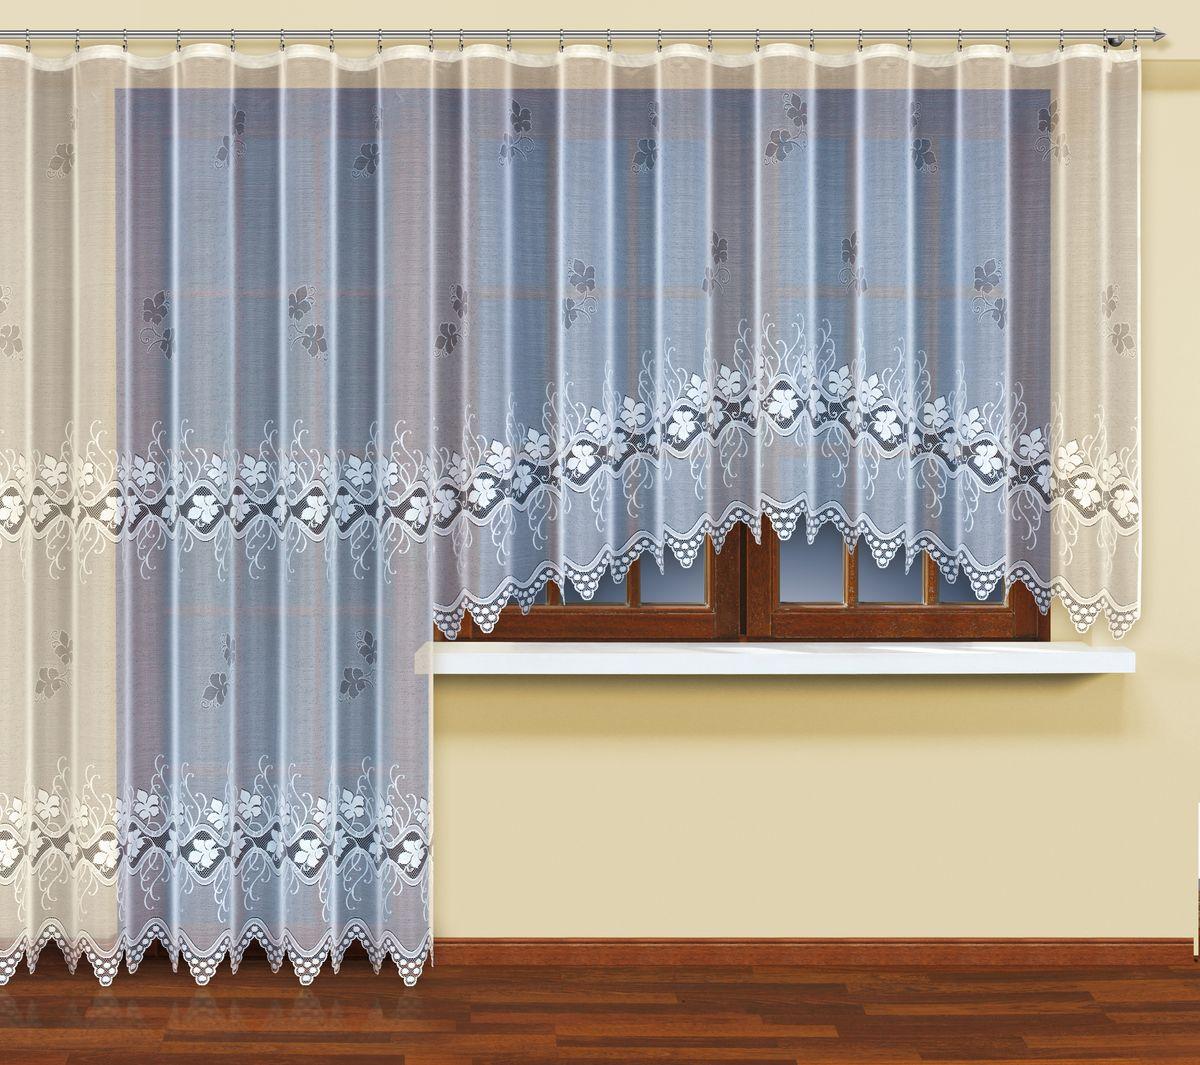 Комплект балконный HAFT 400*160+200*230. 222572004,WКомплект балконный XAFT 400*160+200*230. 222572Материал: 100% п/э, размер: 400*160+200*230, цвет: белый